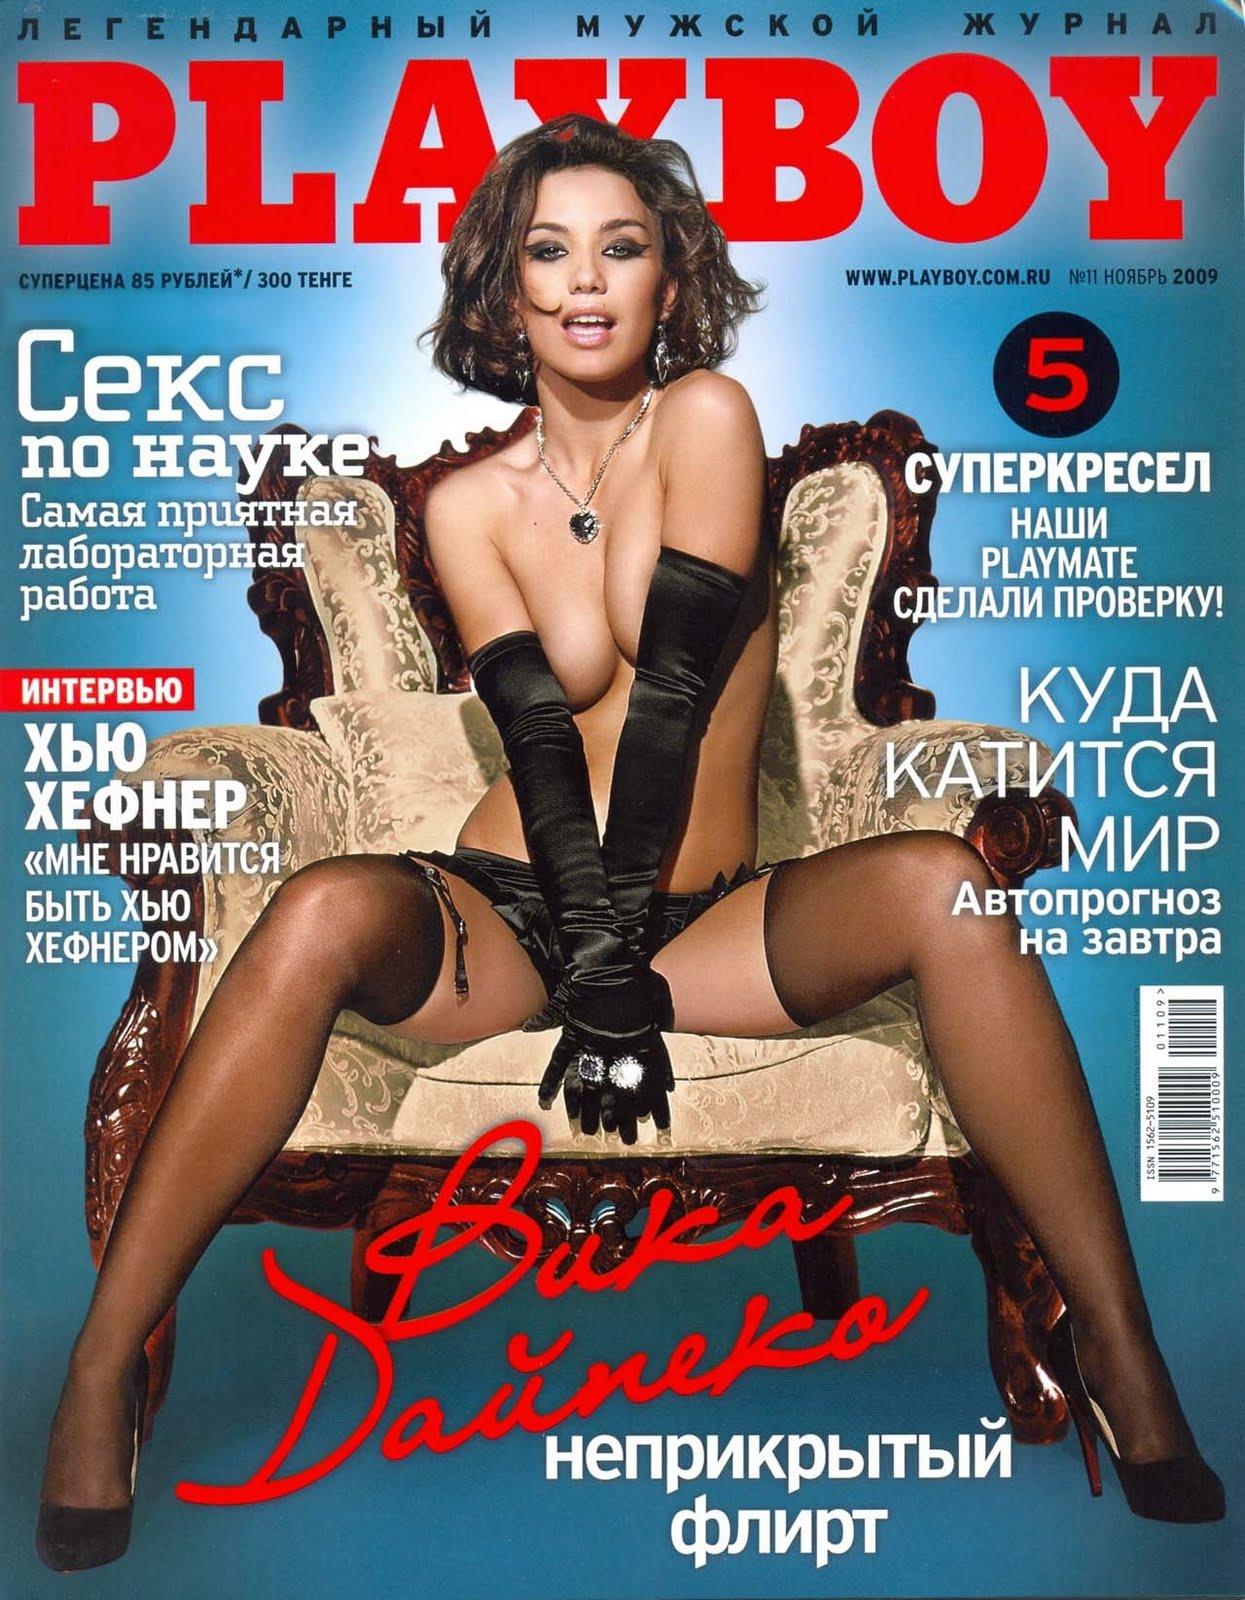 russkiy-pleyboy-znamenitostey